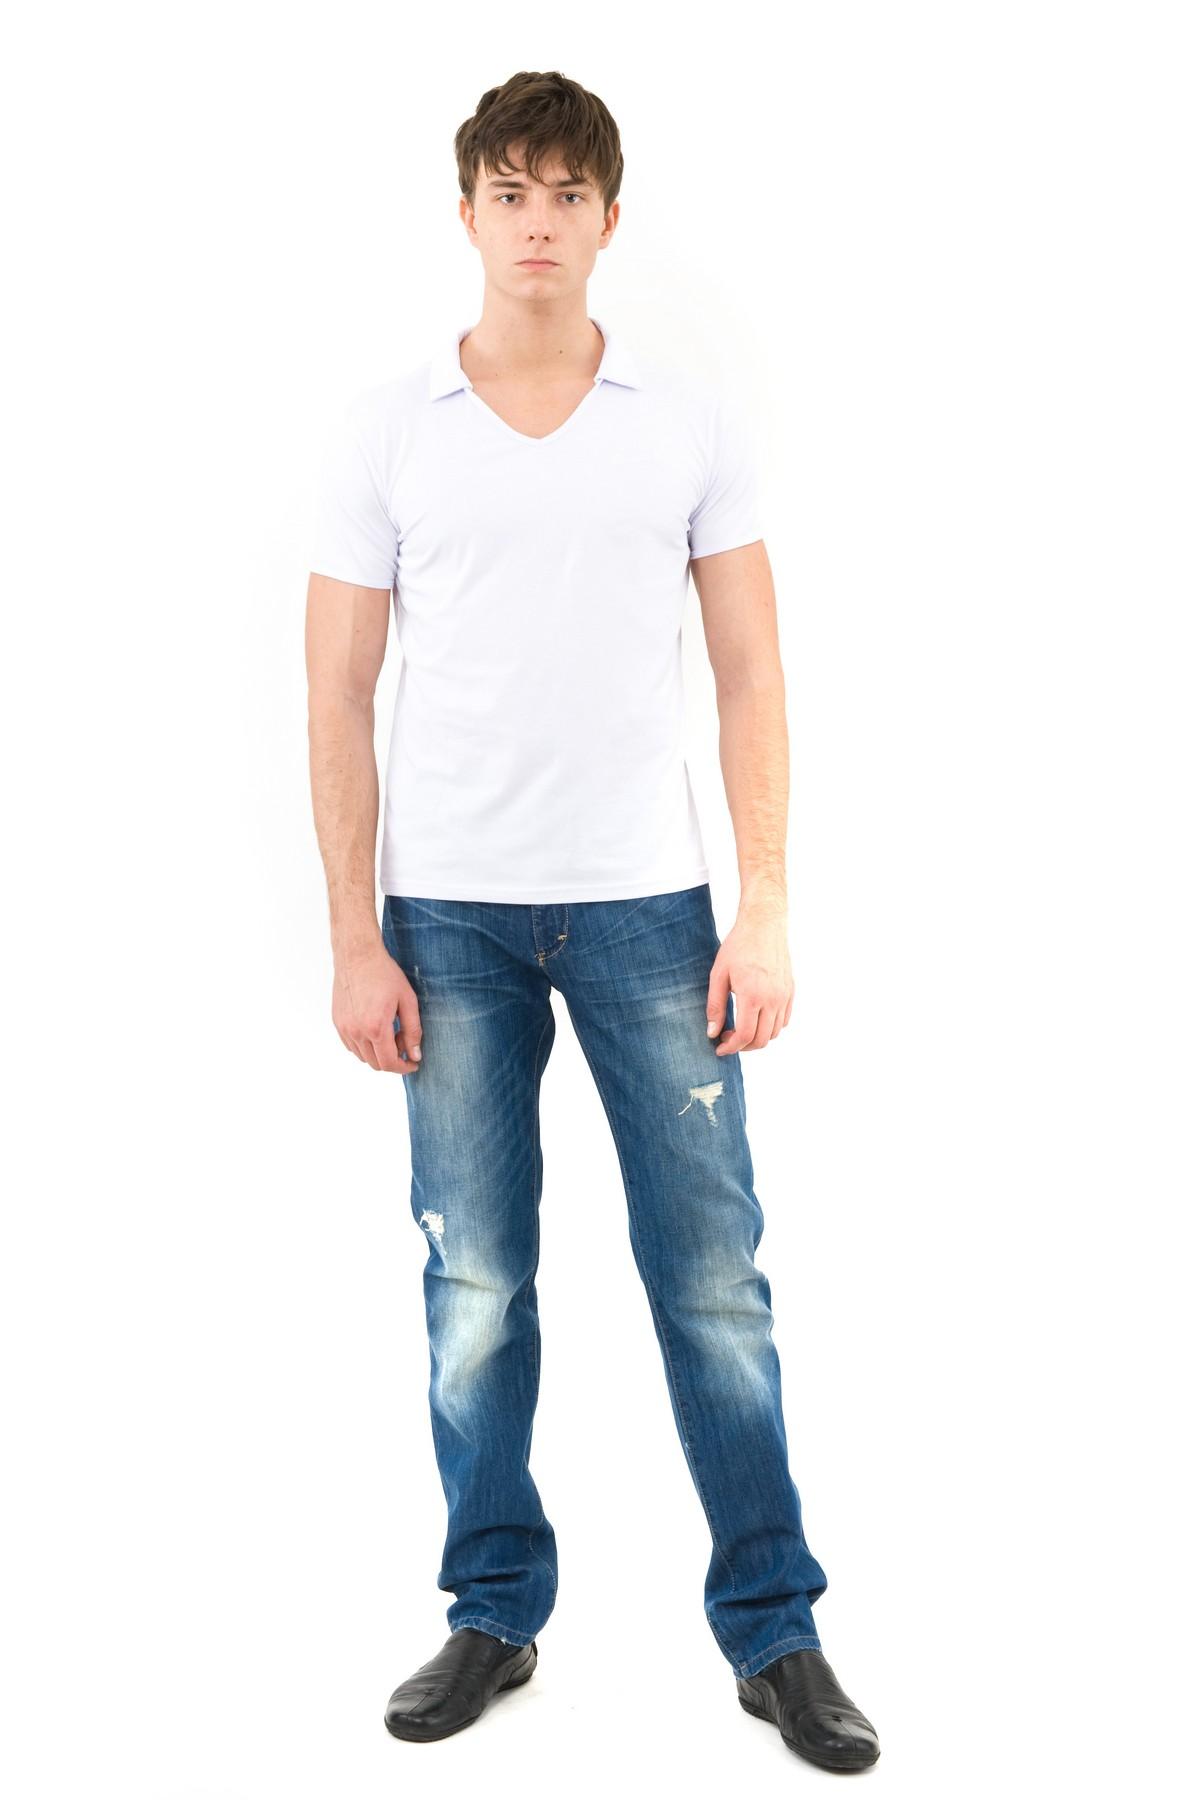 ФутболкаМужские футболки, джемпера<br>Футболка – это удобный выбор на каждый день, поэтому она должна быть яркой и стильной, чтобы привнести в повседневный образ красок. Из высококачественного трикотажа, не вытягивается после стирок, не линяет и не покрывается катышками.<br><br>Цвет: белый<br>Состав: 92% хлопок 8% лайкра<br>Размер: 44,46,48,50,52,54,56,58,60<br>Страна дизайна: Россия<br>Страна производства: Россия